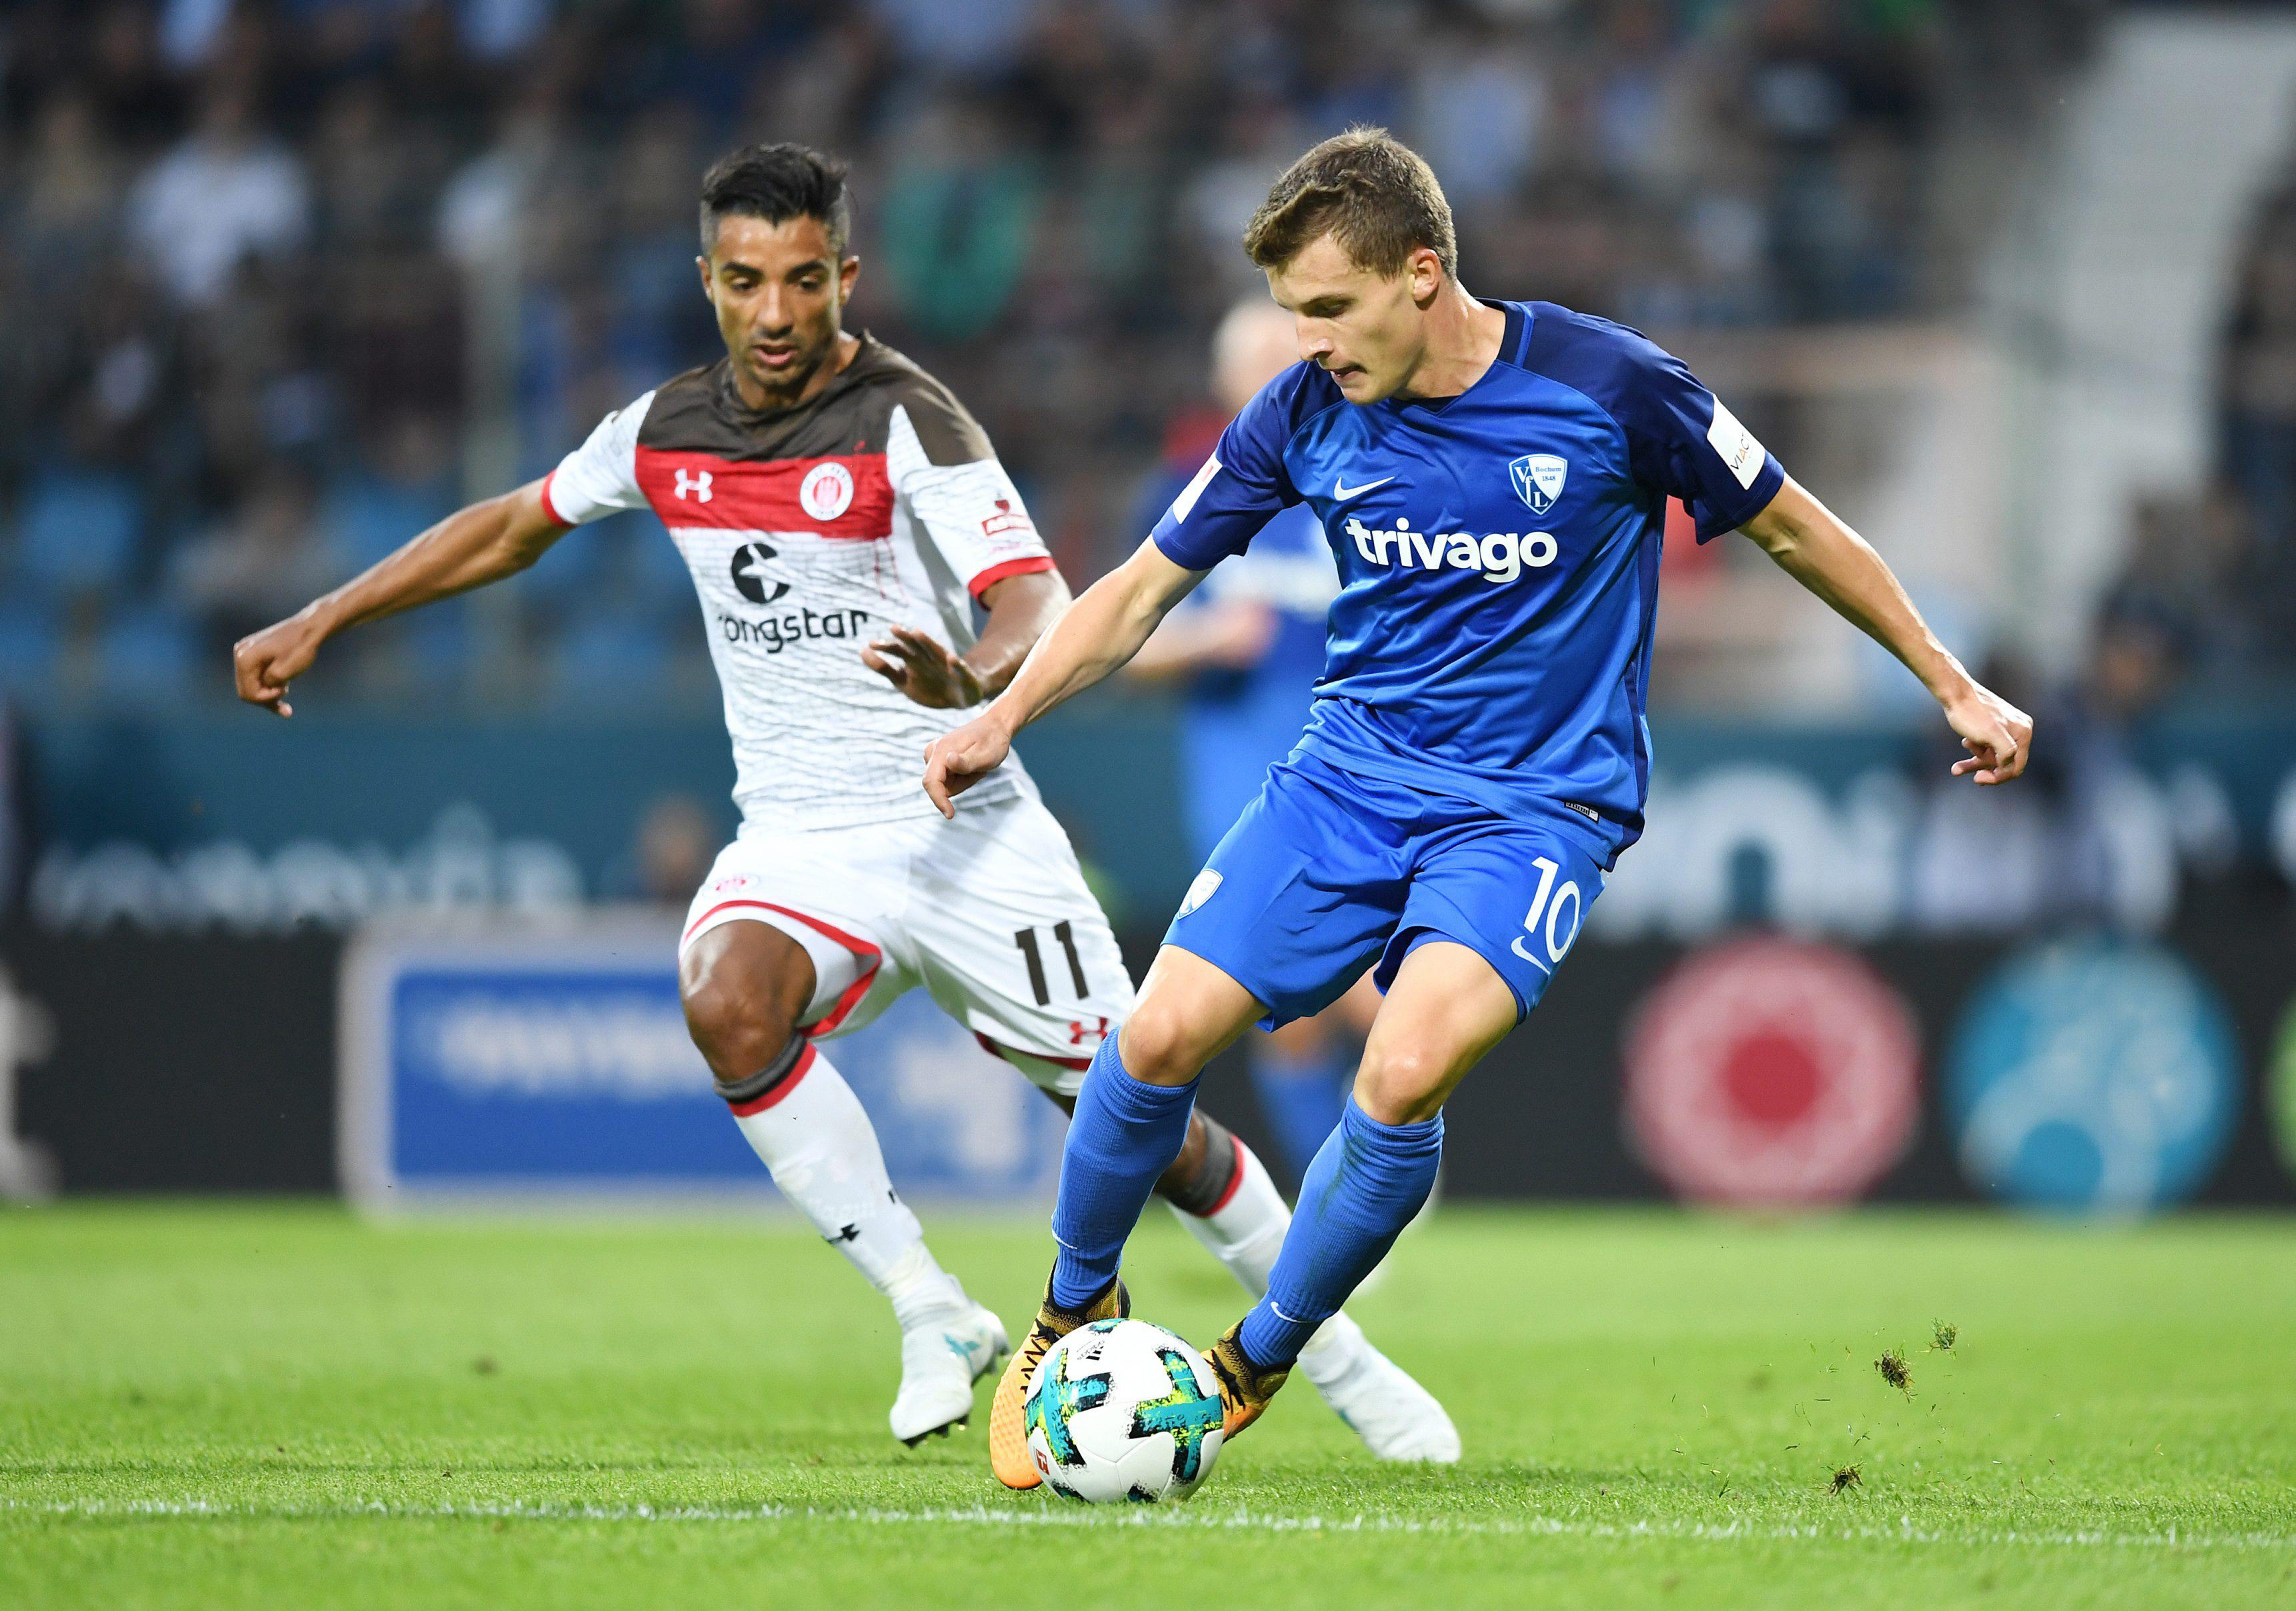 Restkarten für das Heimspiel gegen den VfL Bochum verfügbar